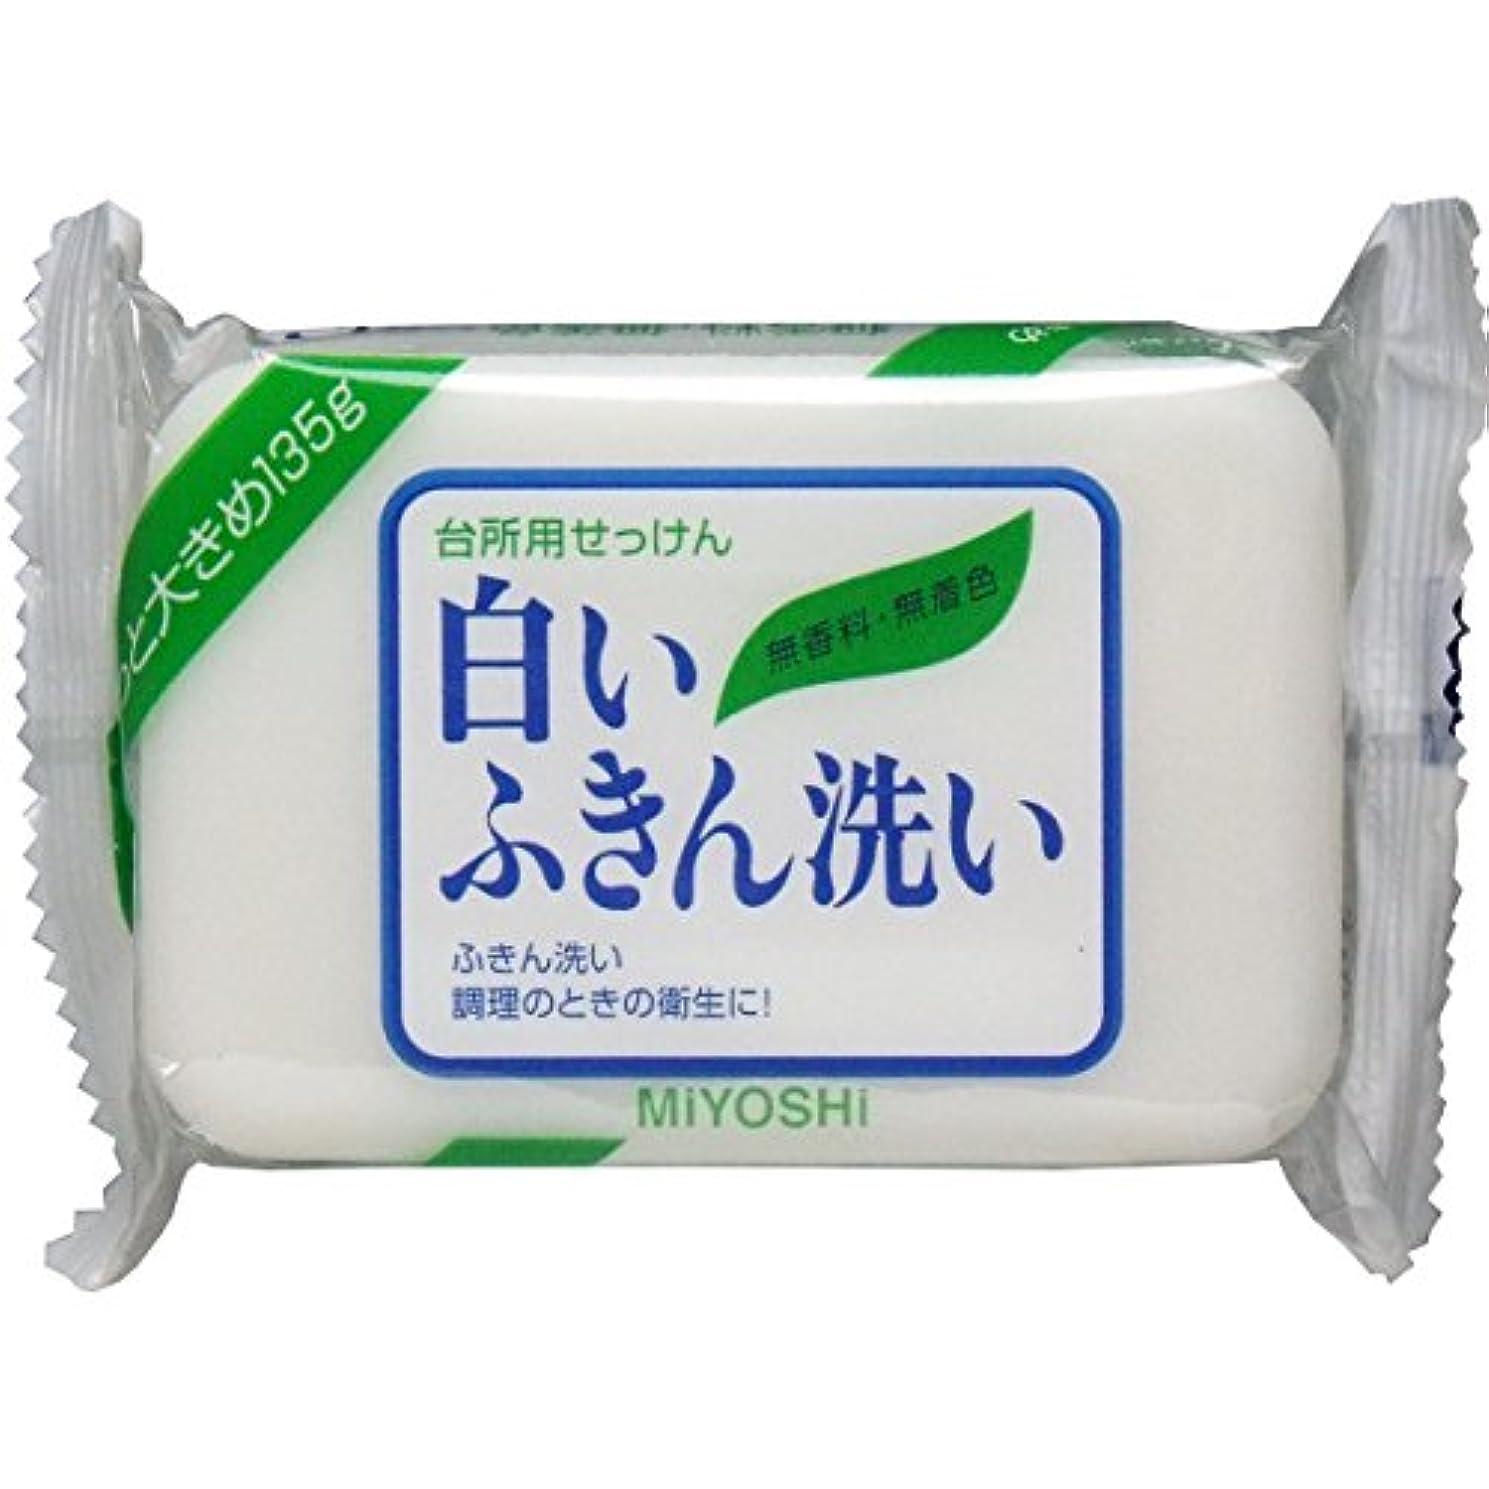 すずめ両方落胆したミヨシ石鹸 白いふきん洗い